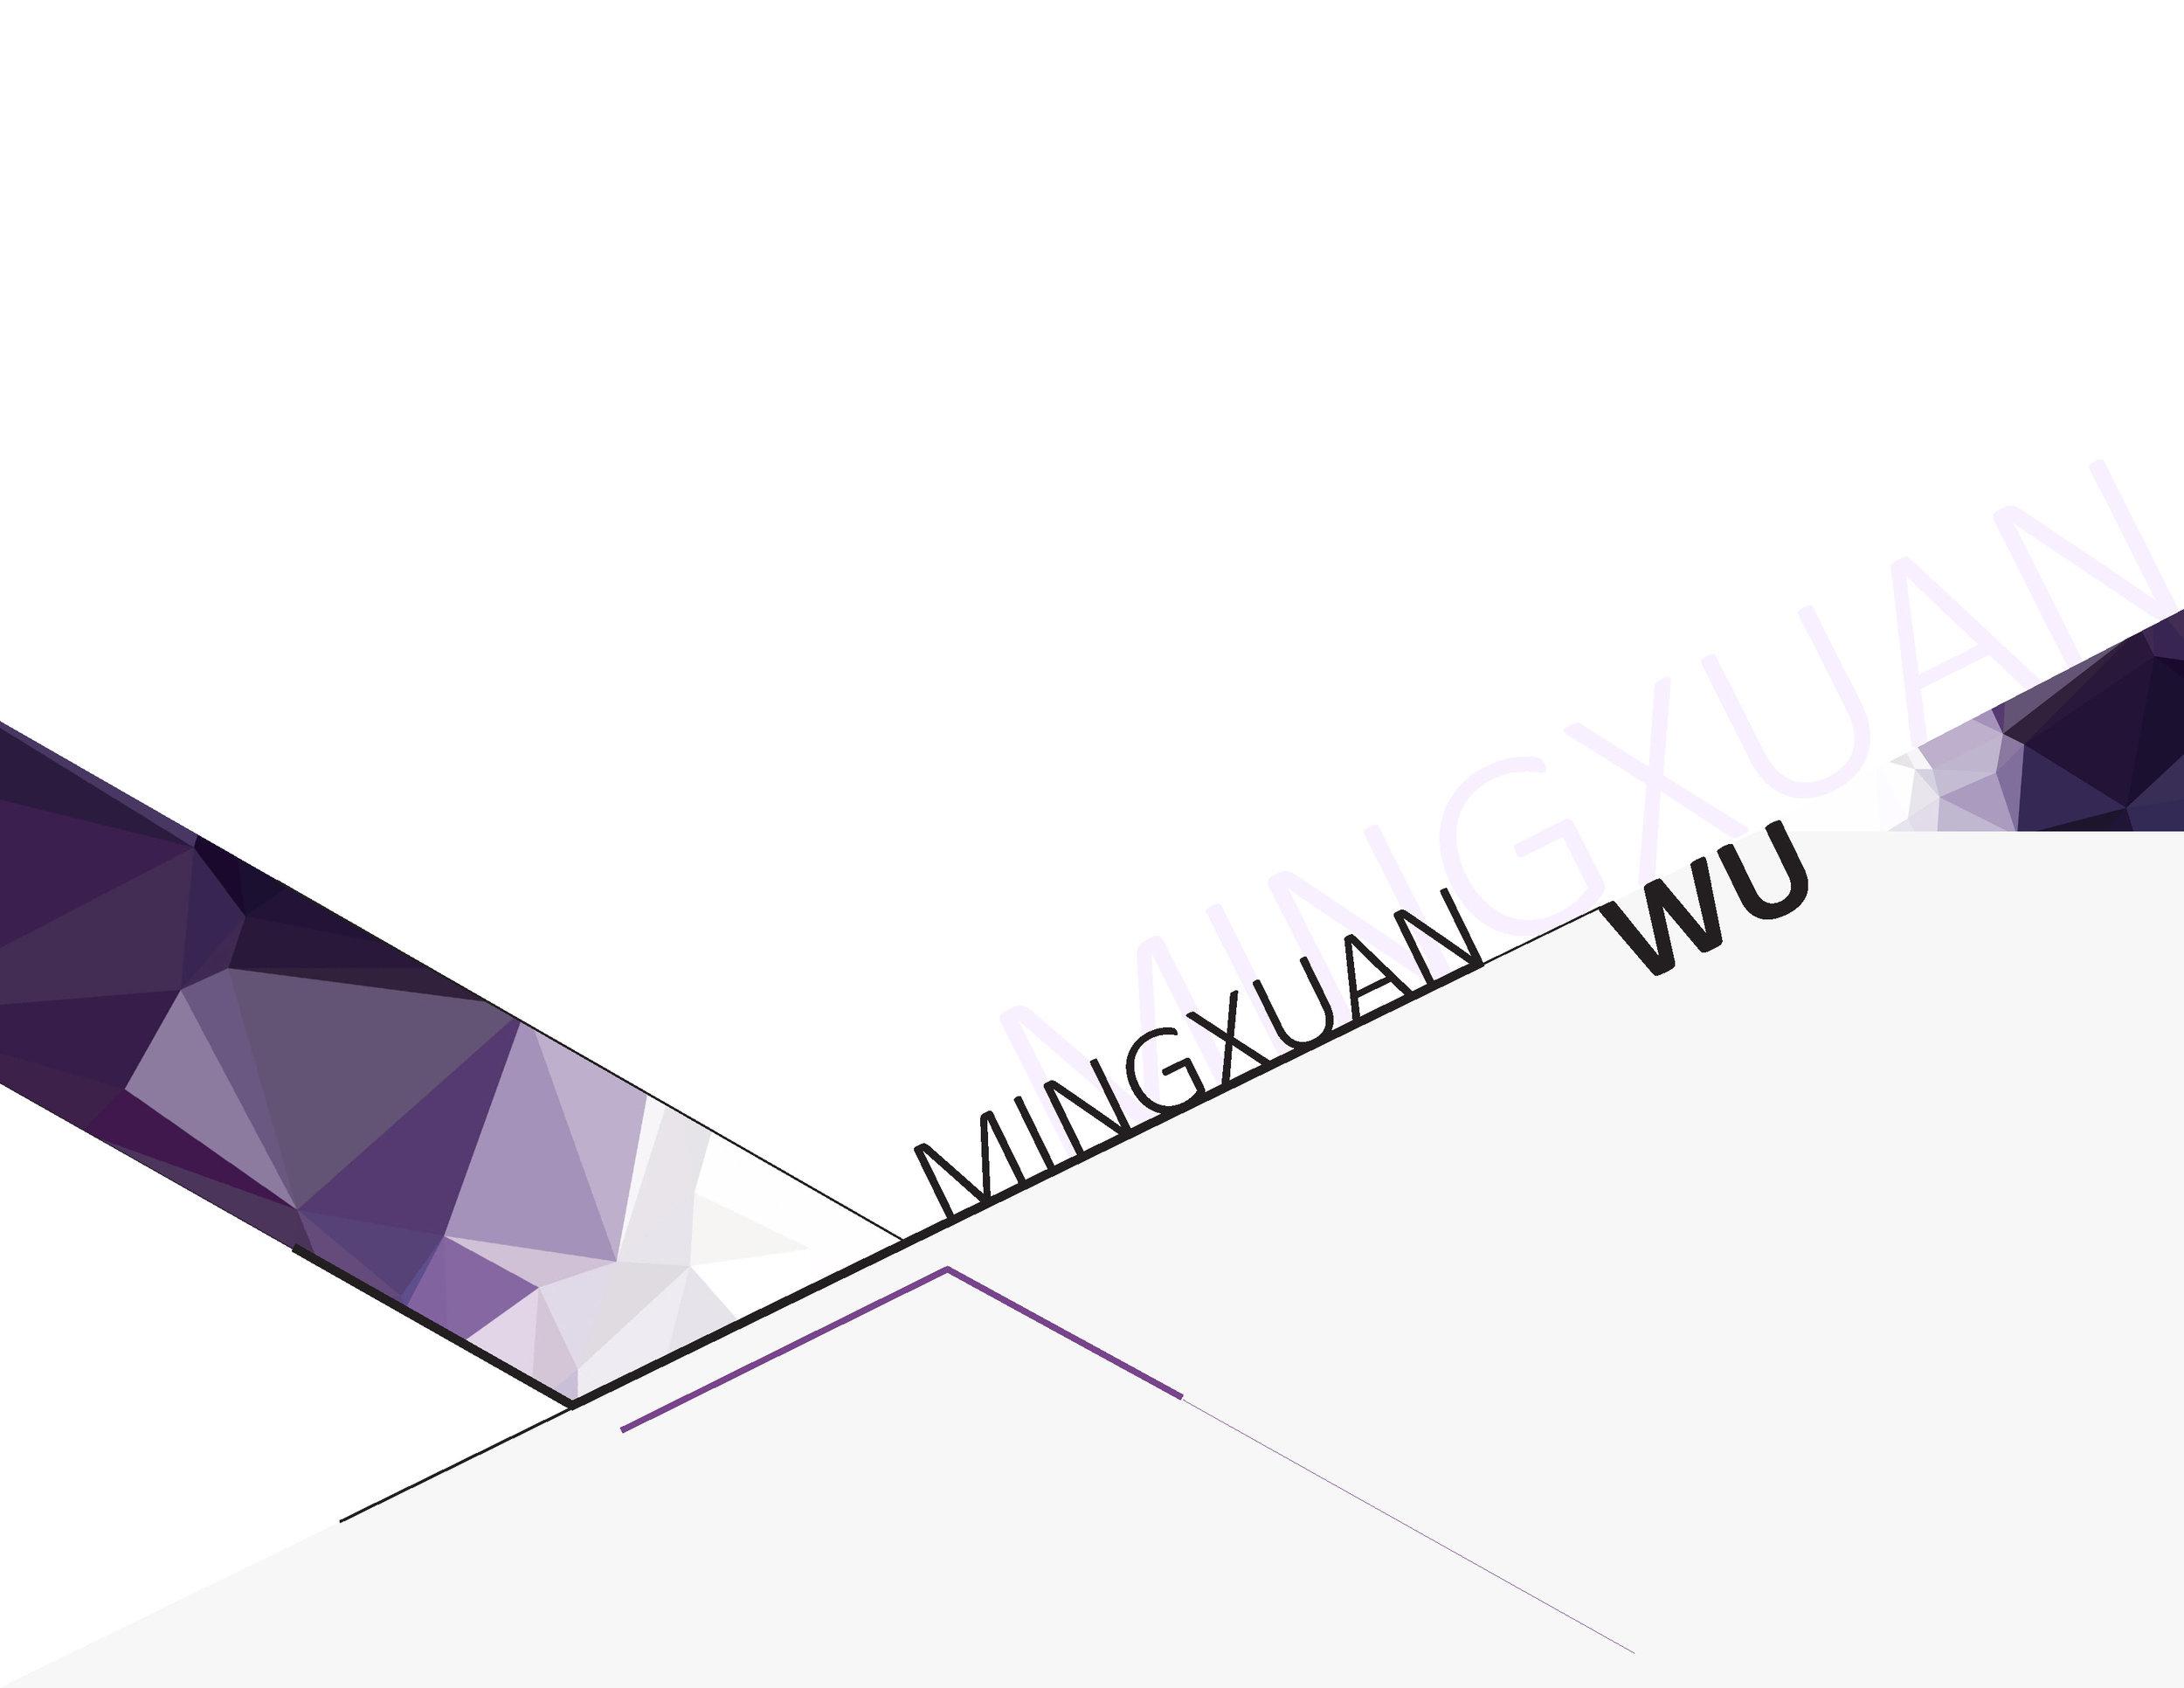 MINGXUAN WU